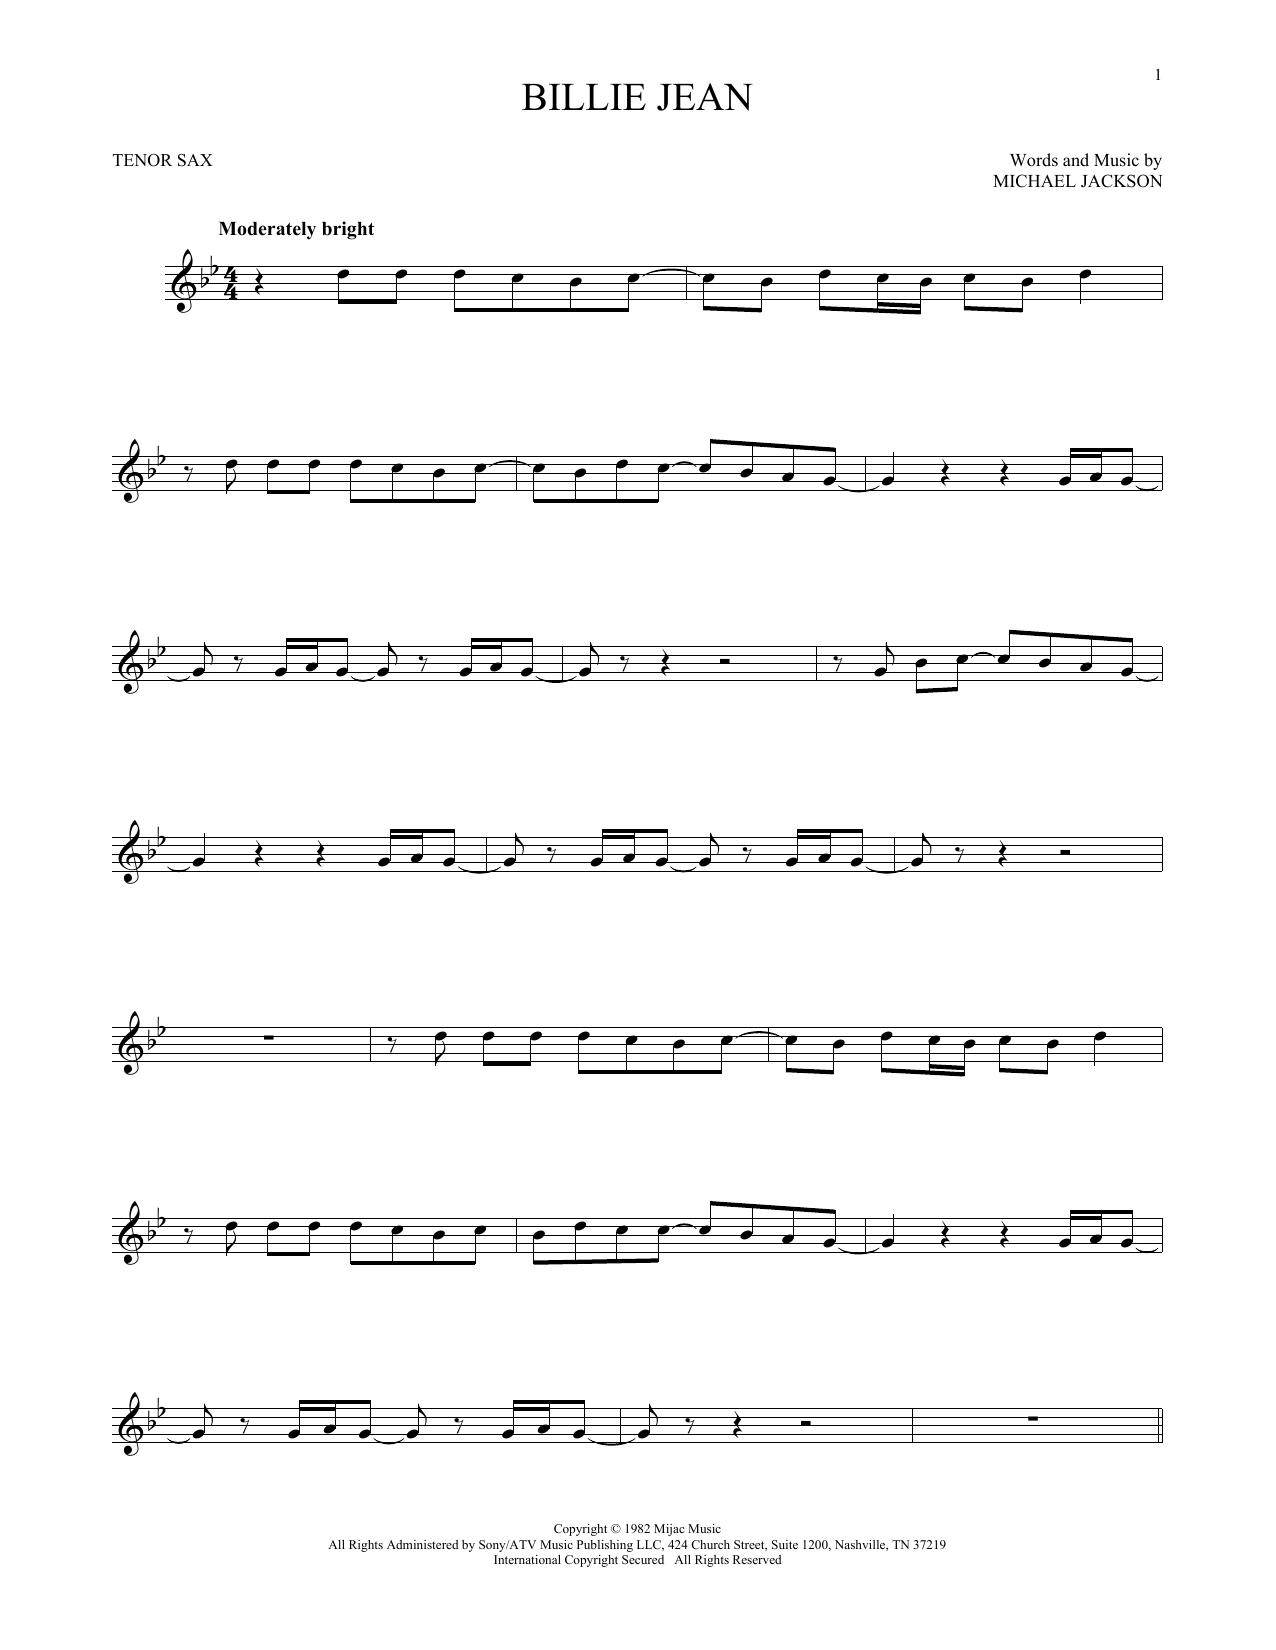 Billie Jean (Tenor Sax Solo)